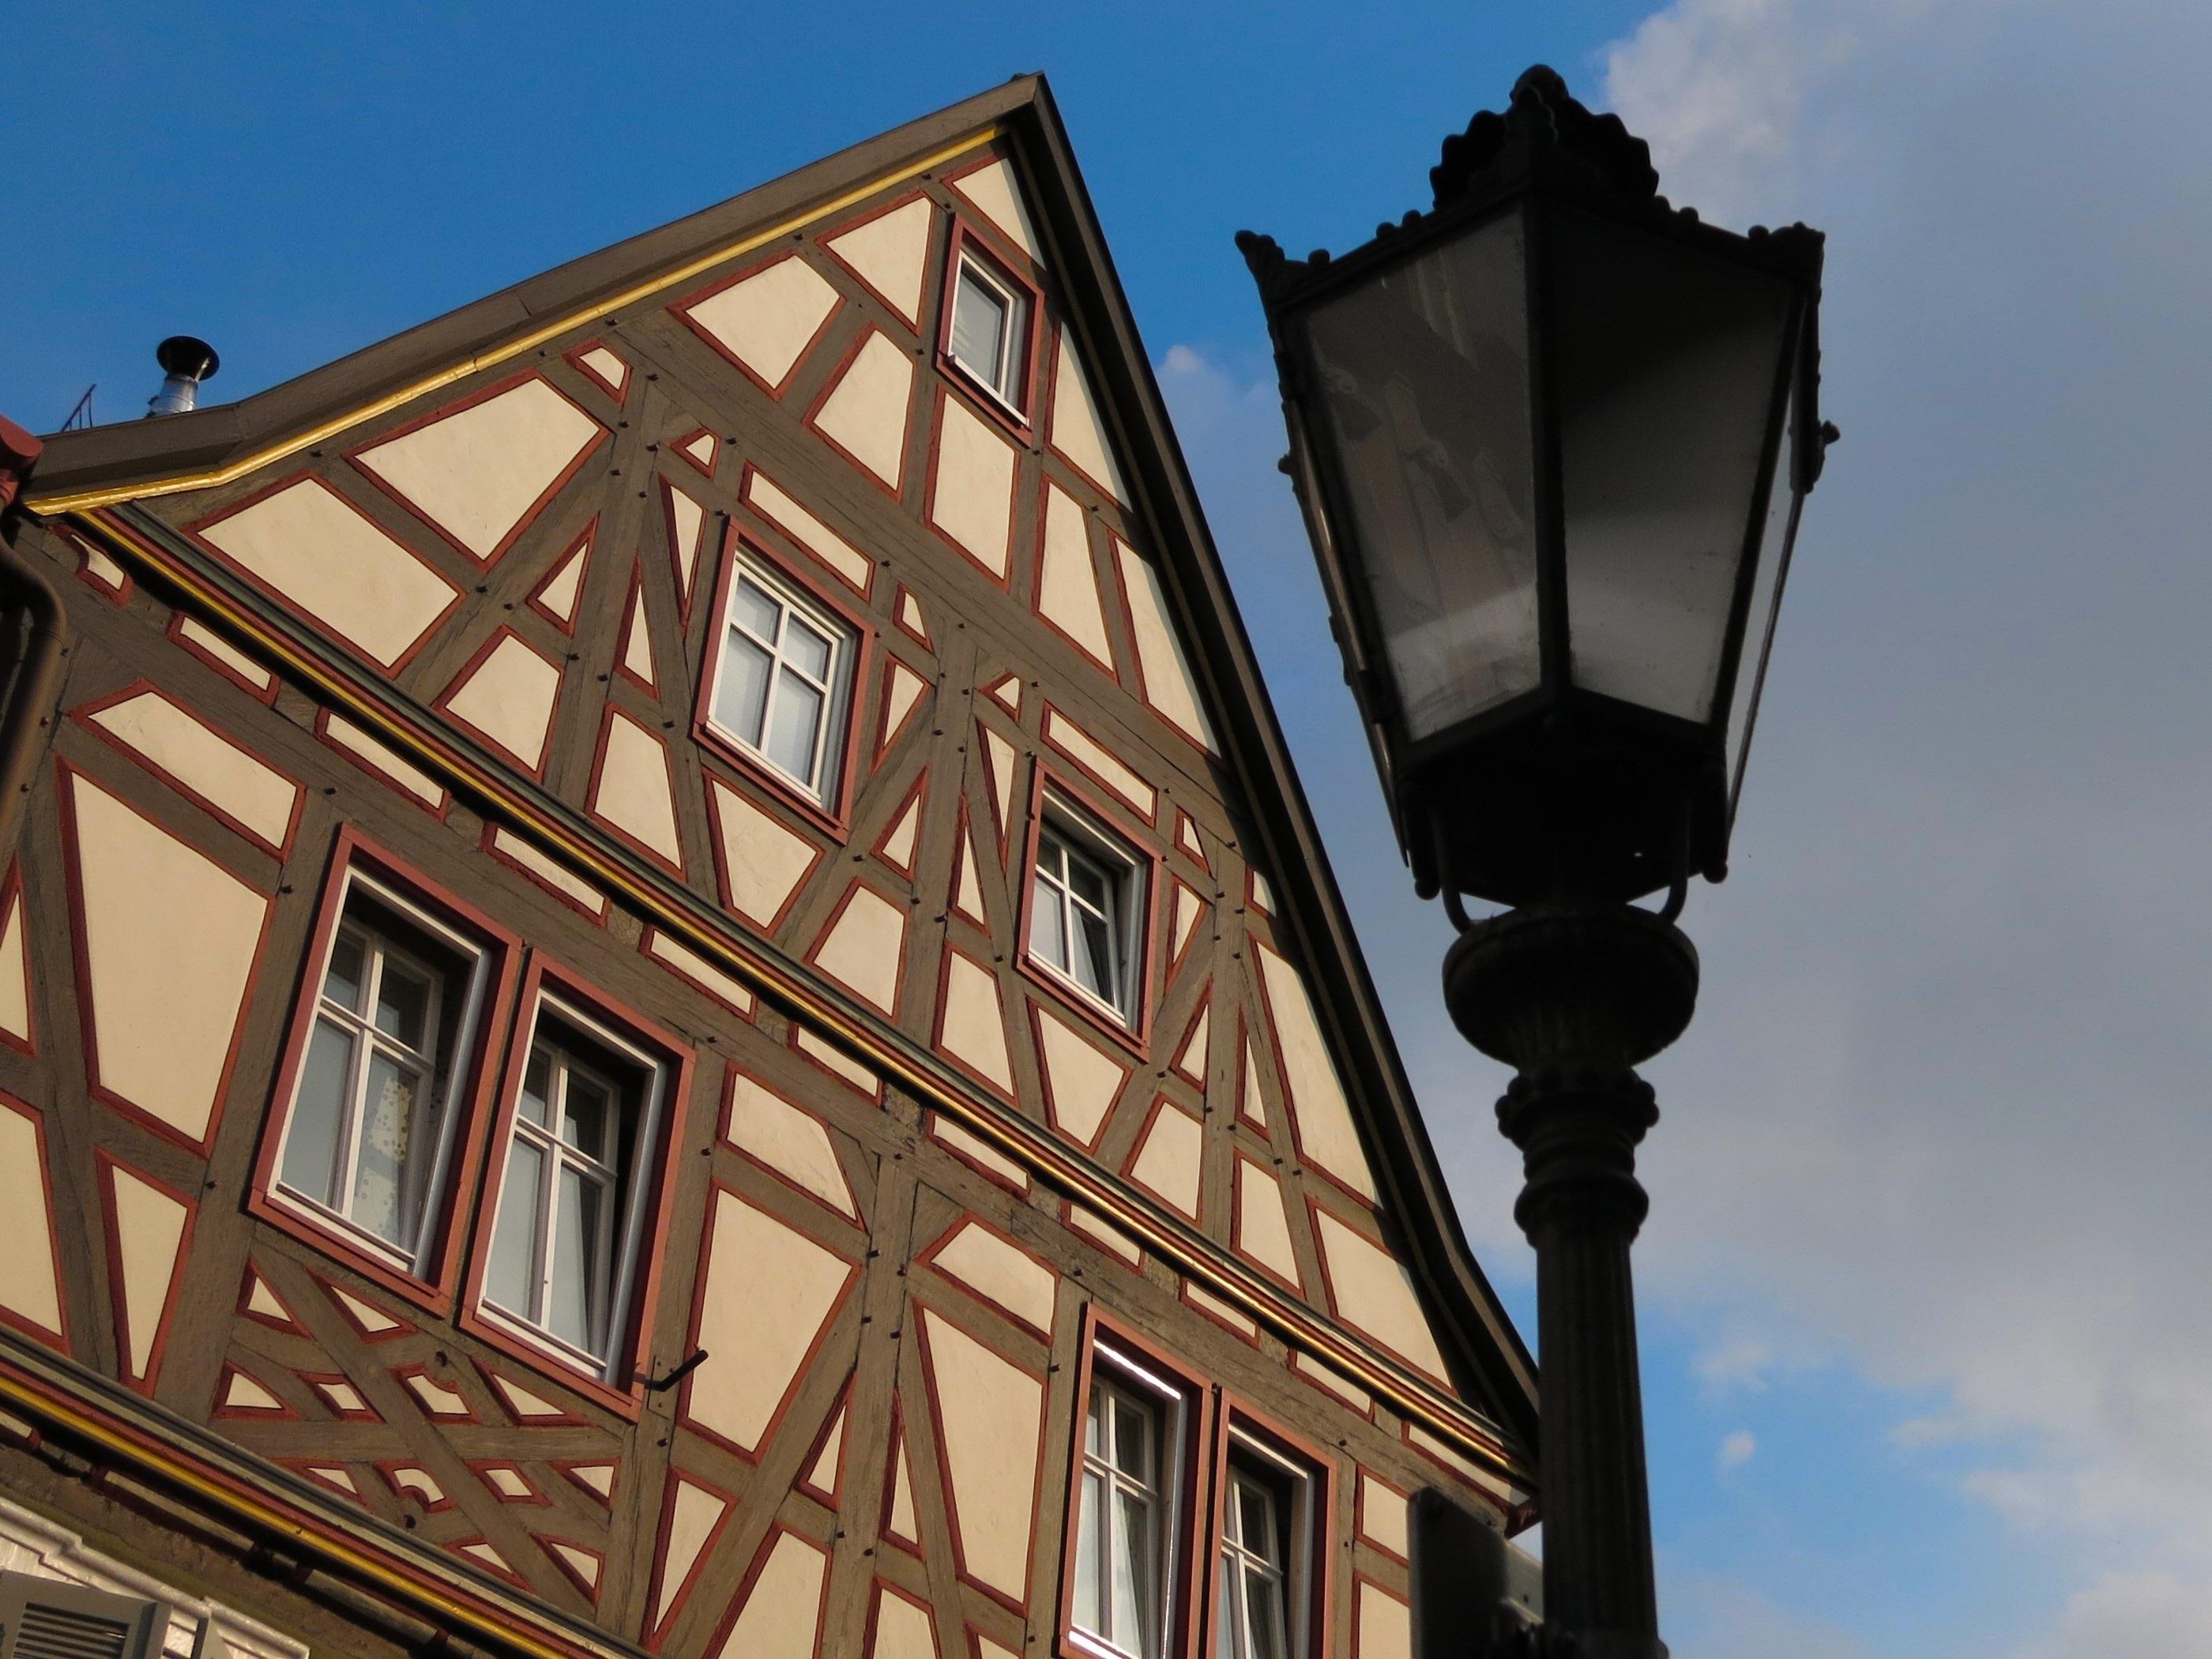 Gratis Afbeeldingen : architectuur, huis, venster, lantaarn ...